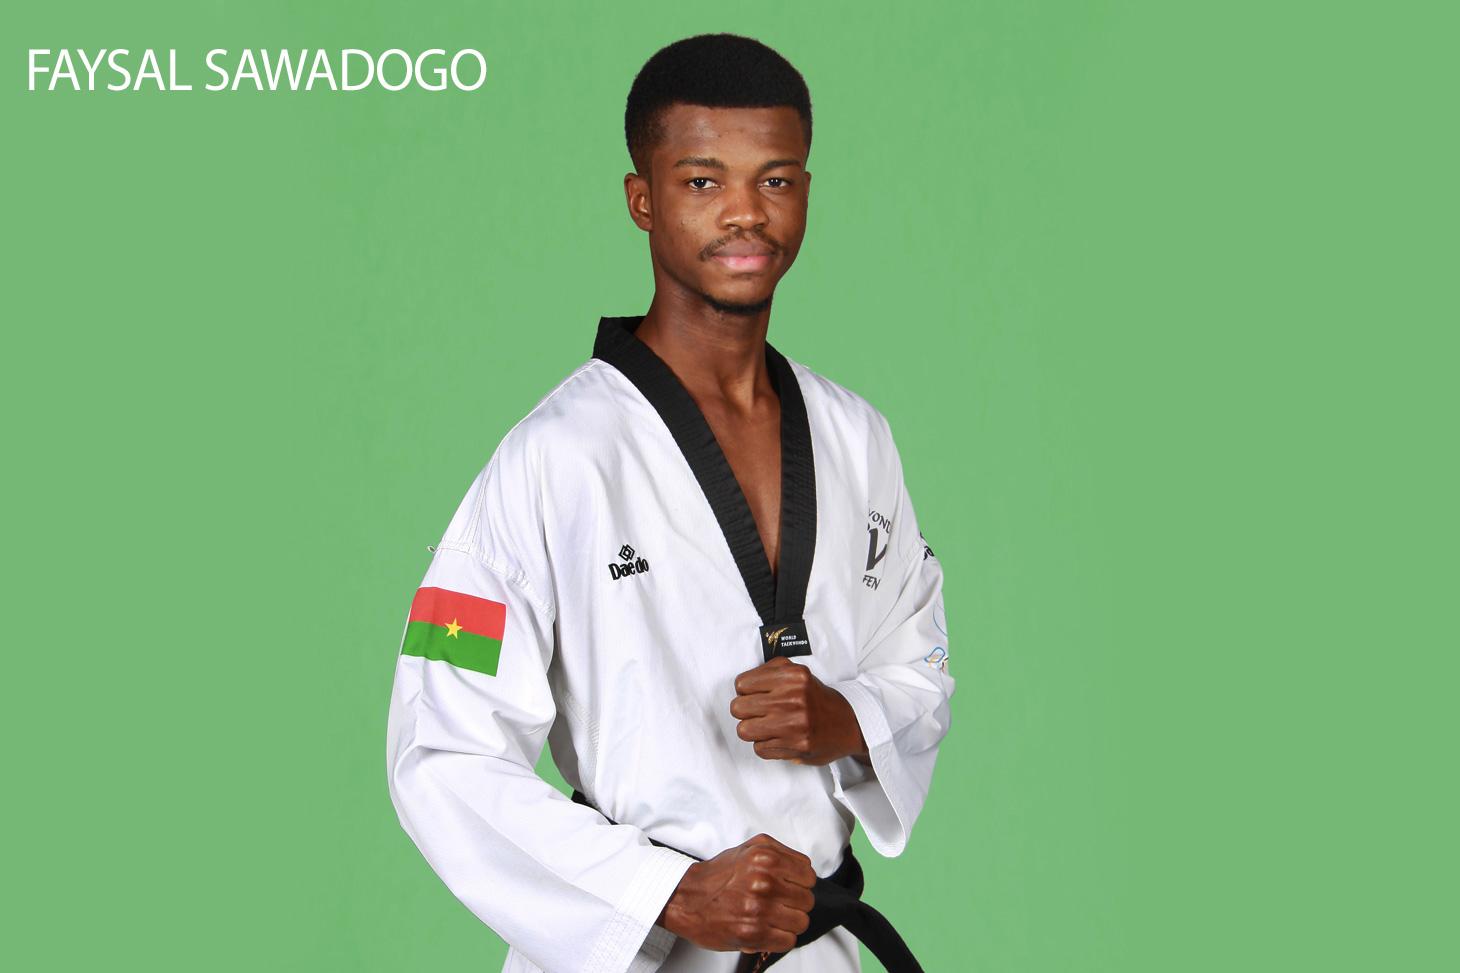 Faysal Sawadogo, étudiant sportif de haut niveau à l'UGA